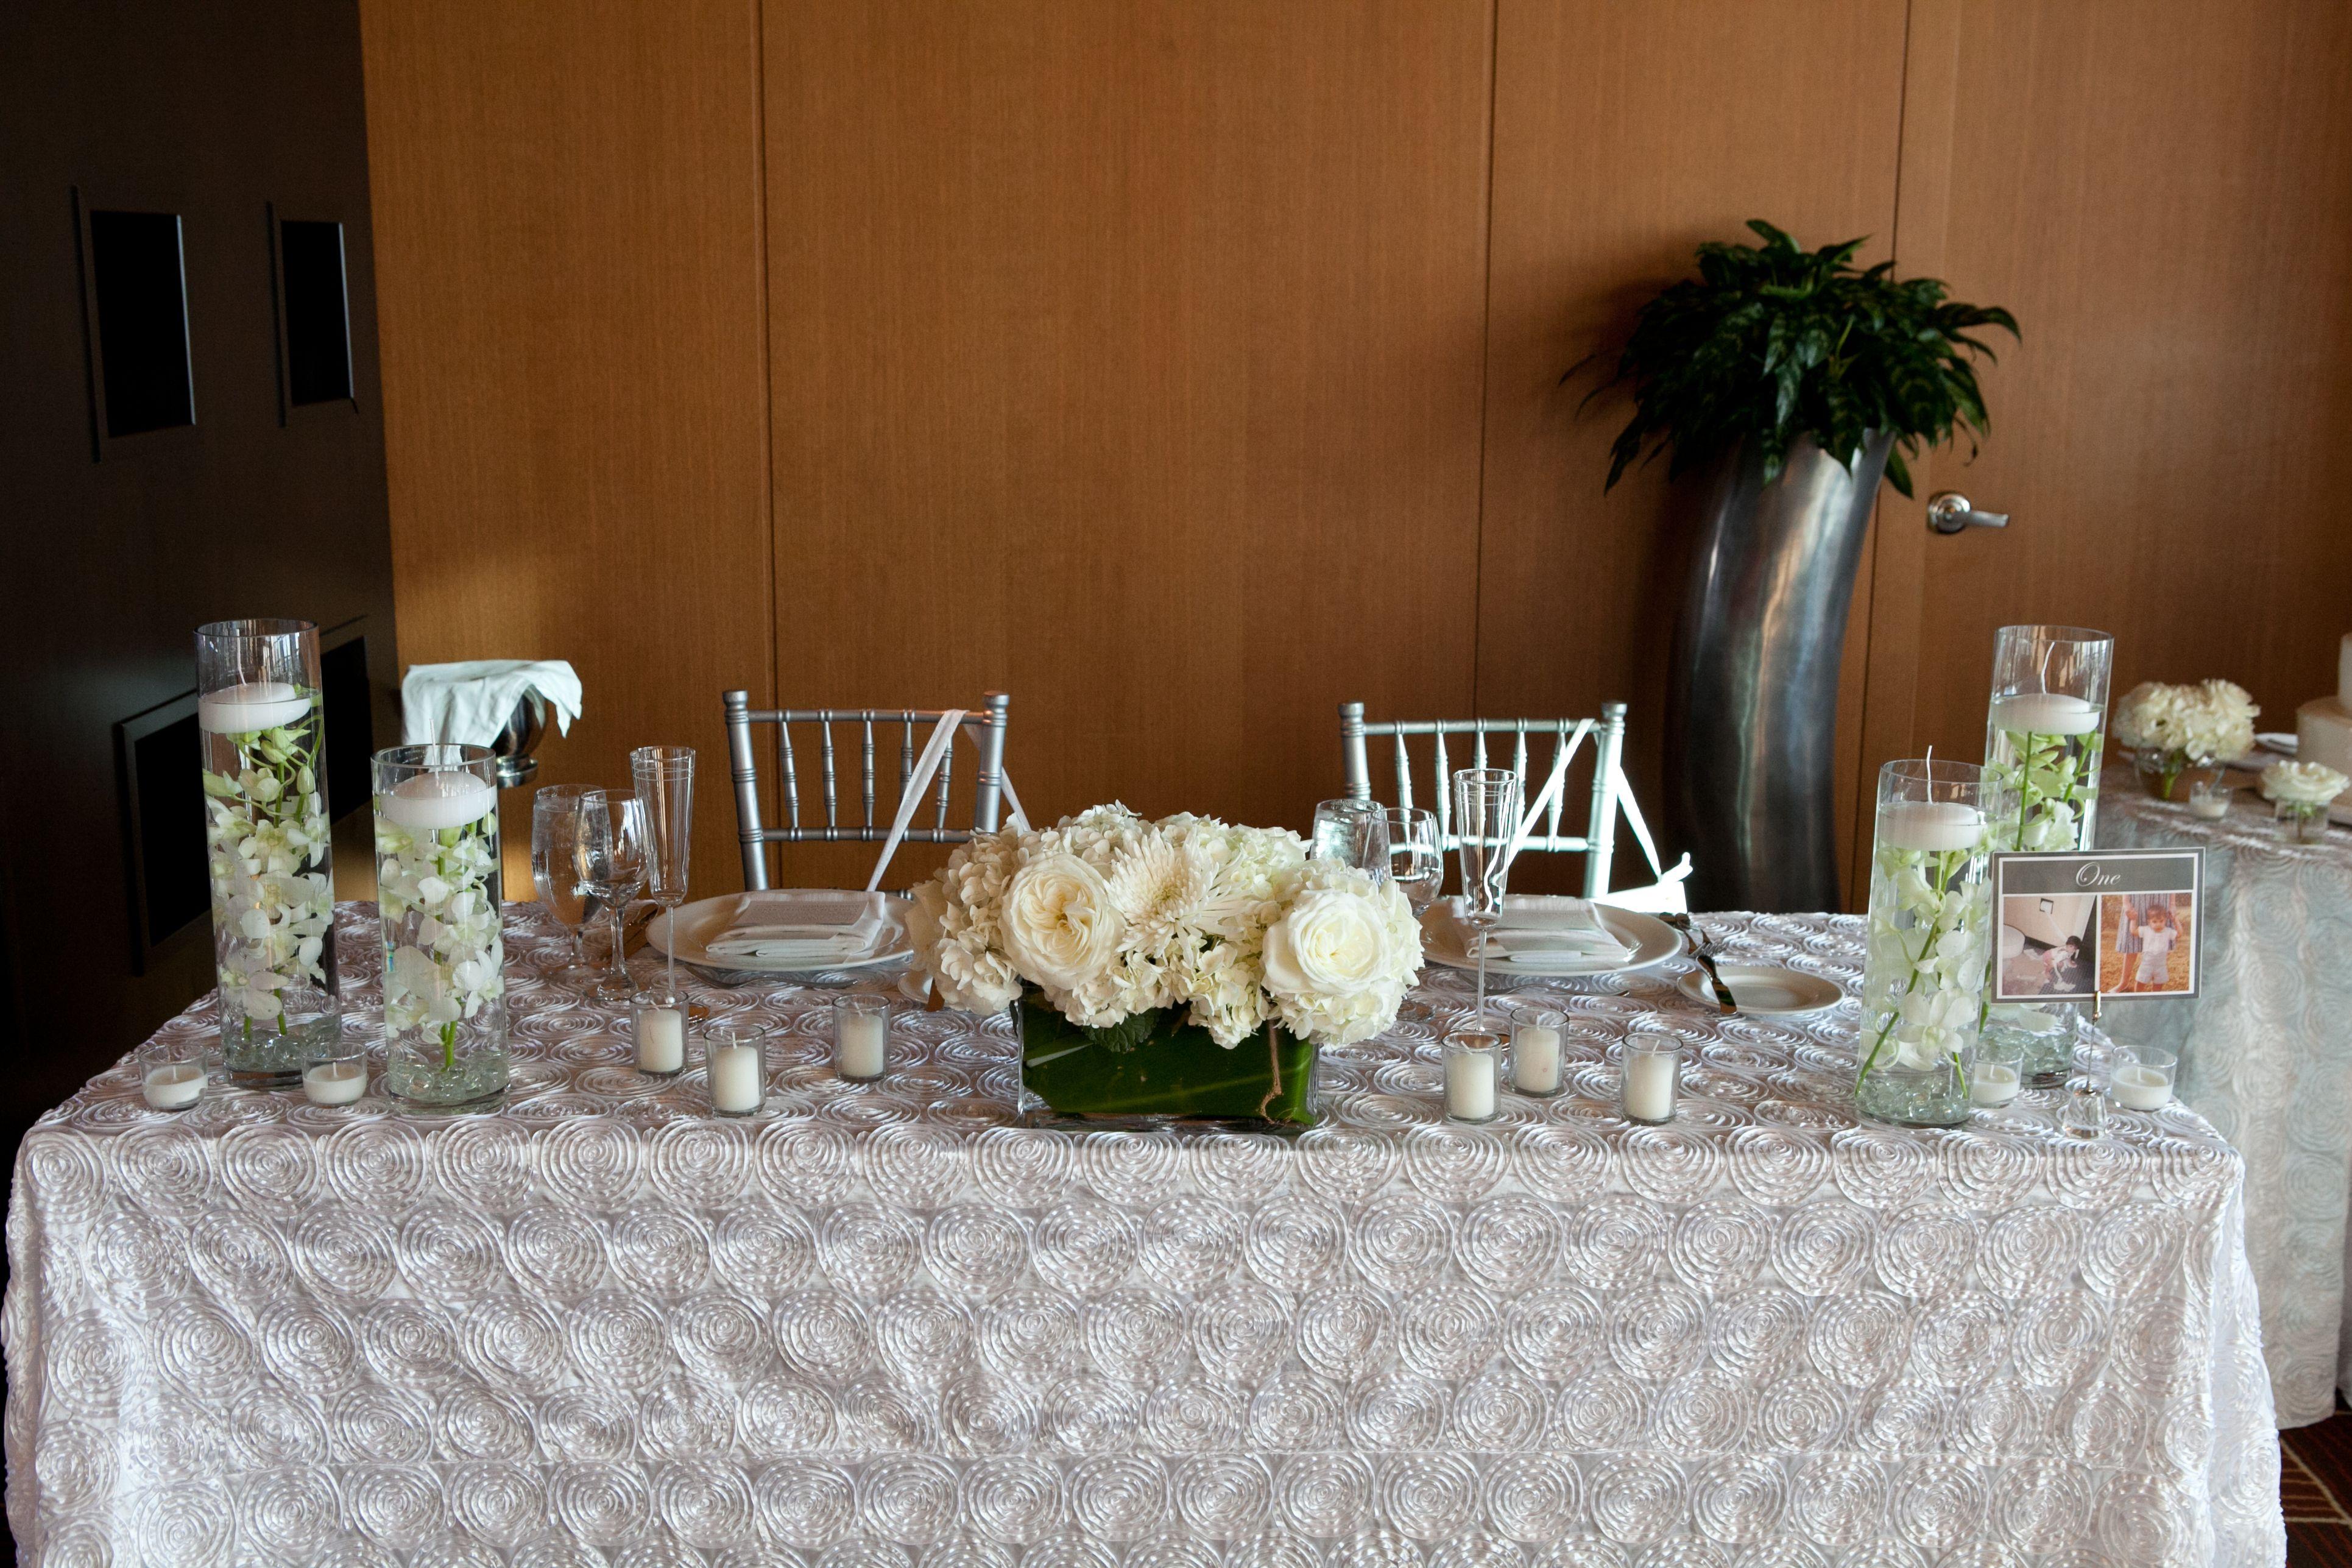 sweetheart table  Photo Credit: Clau Photography  #sweerhearttable #wedding #white